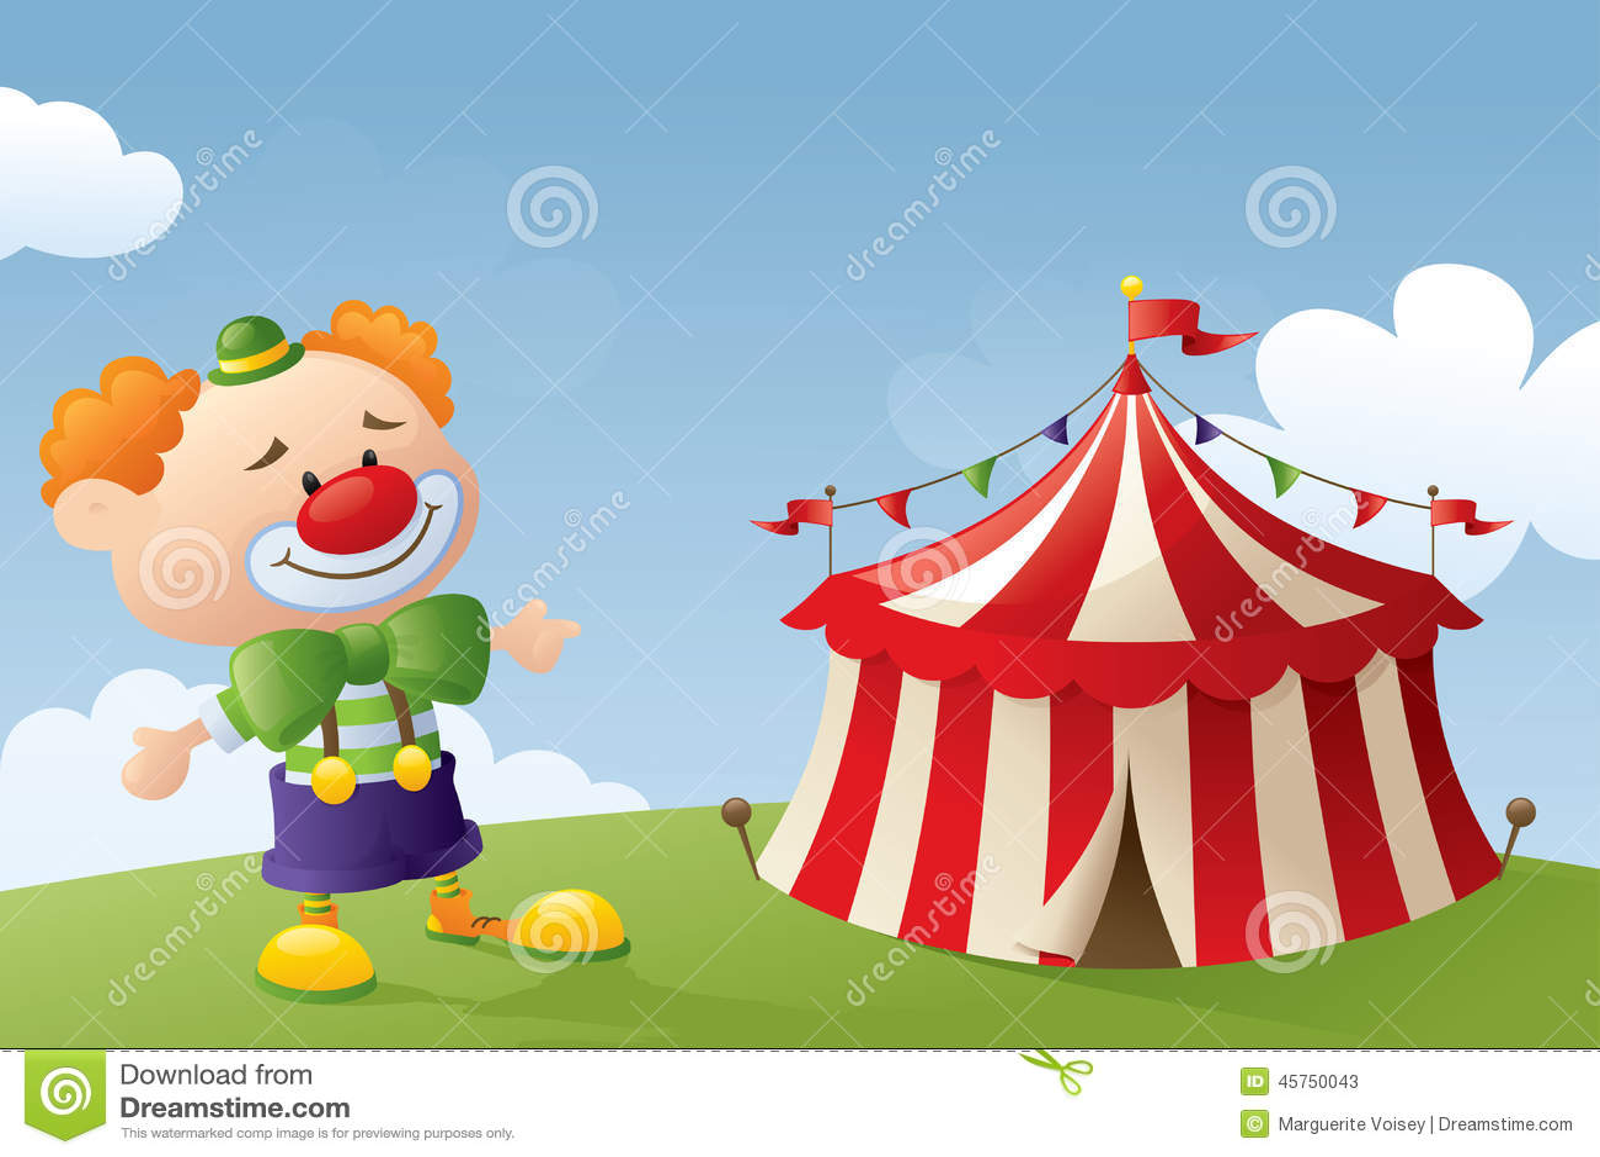 Prossimo al circo